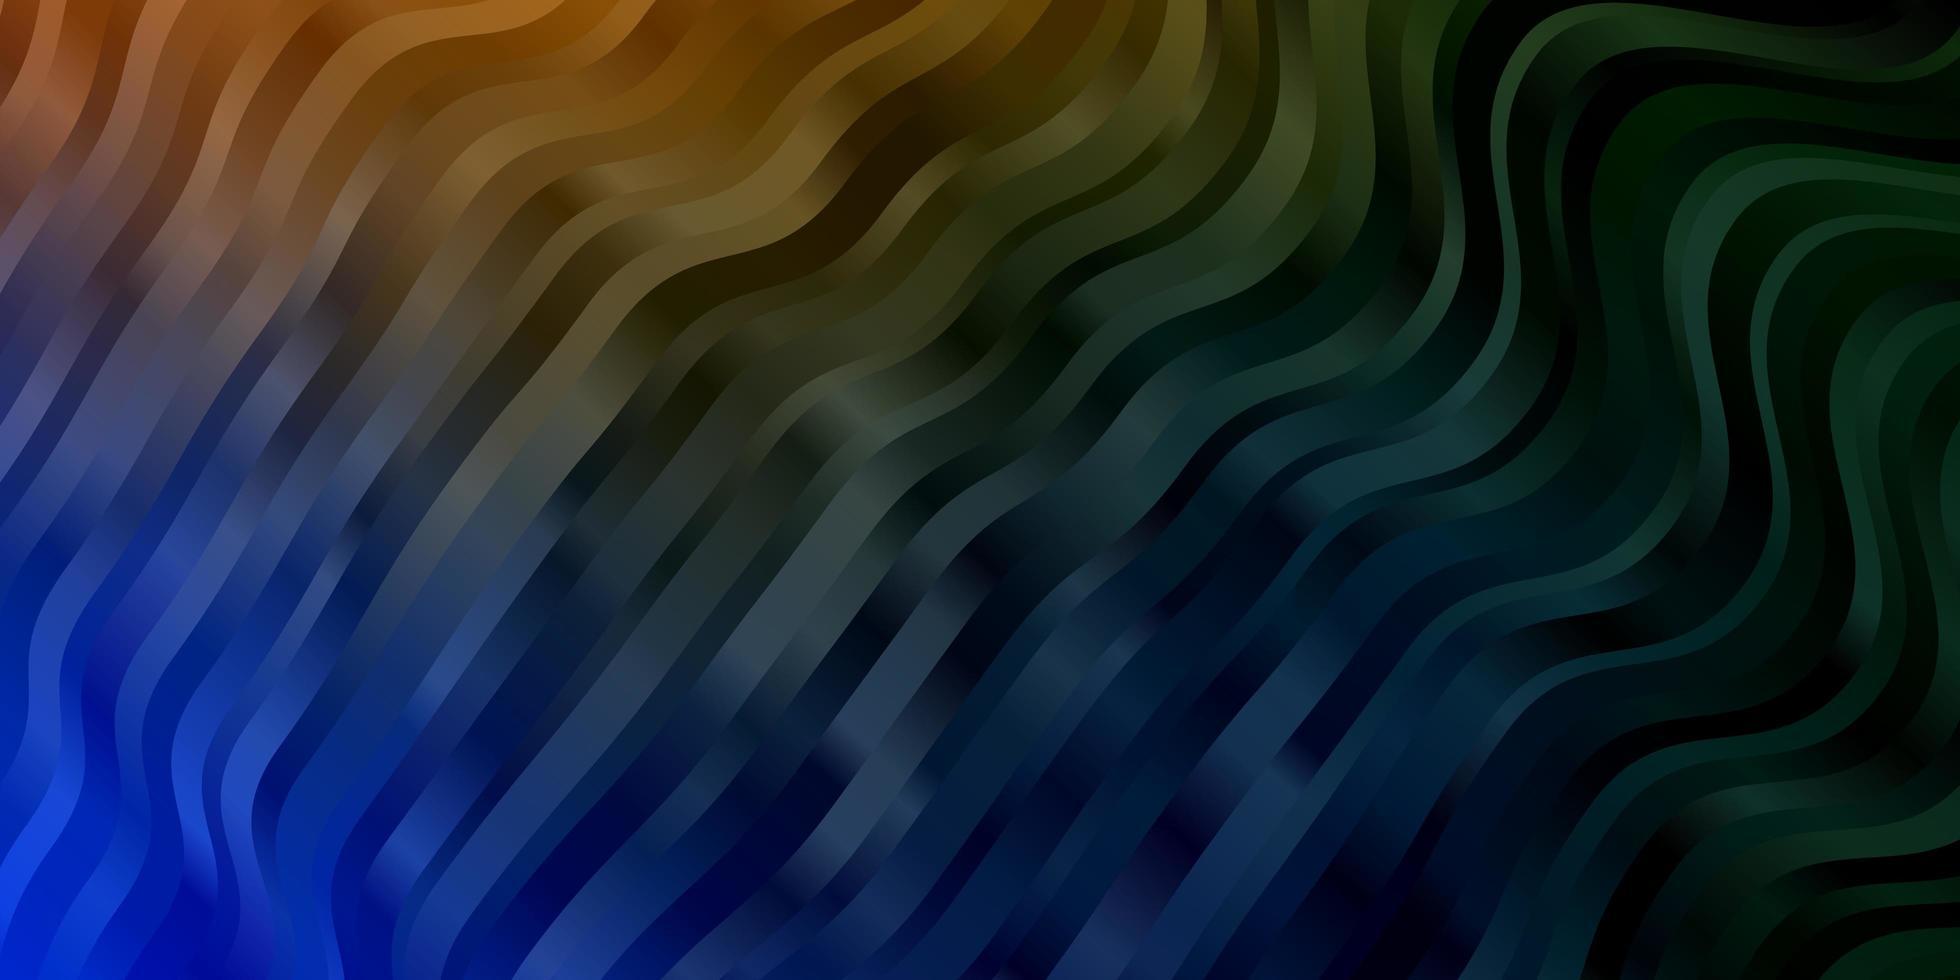 blaue, gelbe Schablone mit schiefen Linien. vektor